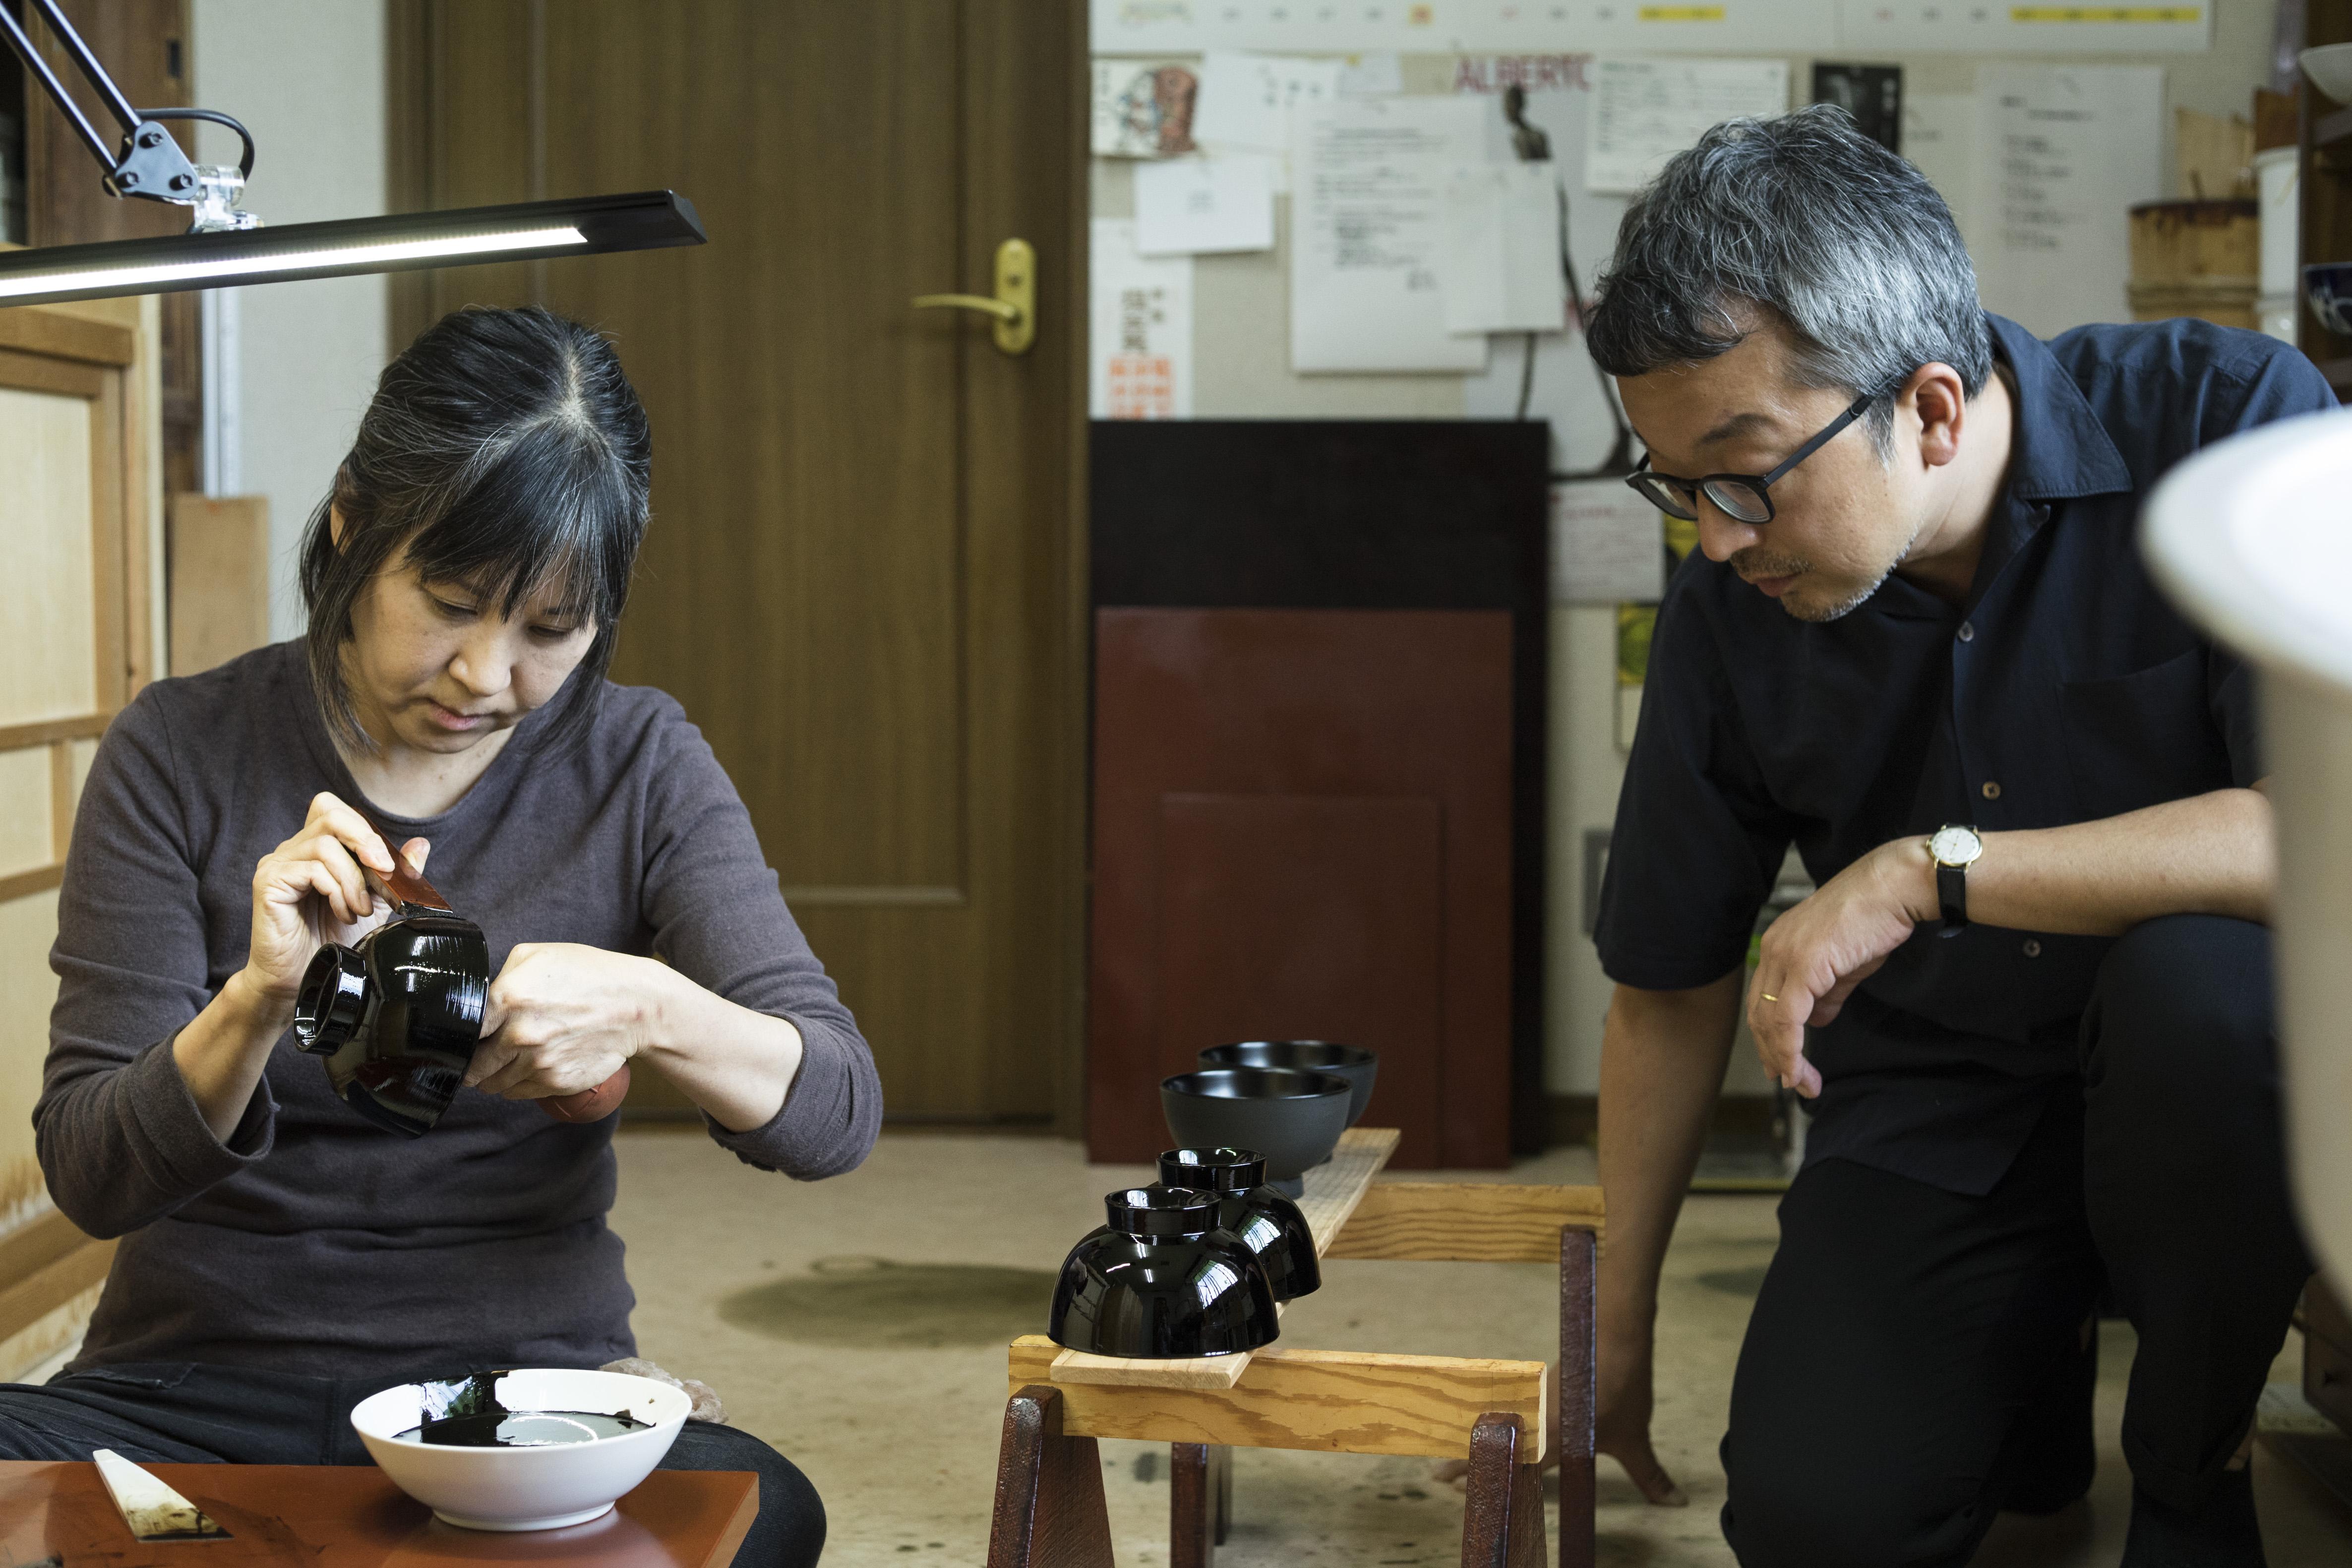 大熊健郎が巡る、日本の職人仕事「民藝」<br> 第2回/浄法寺塗・浅野奈生さんの工房で見た、日用品としての漆器